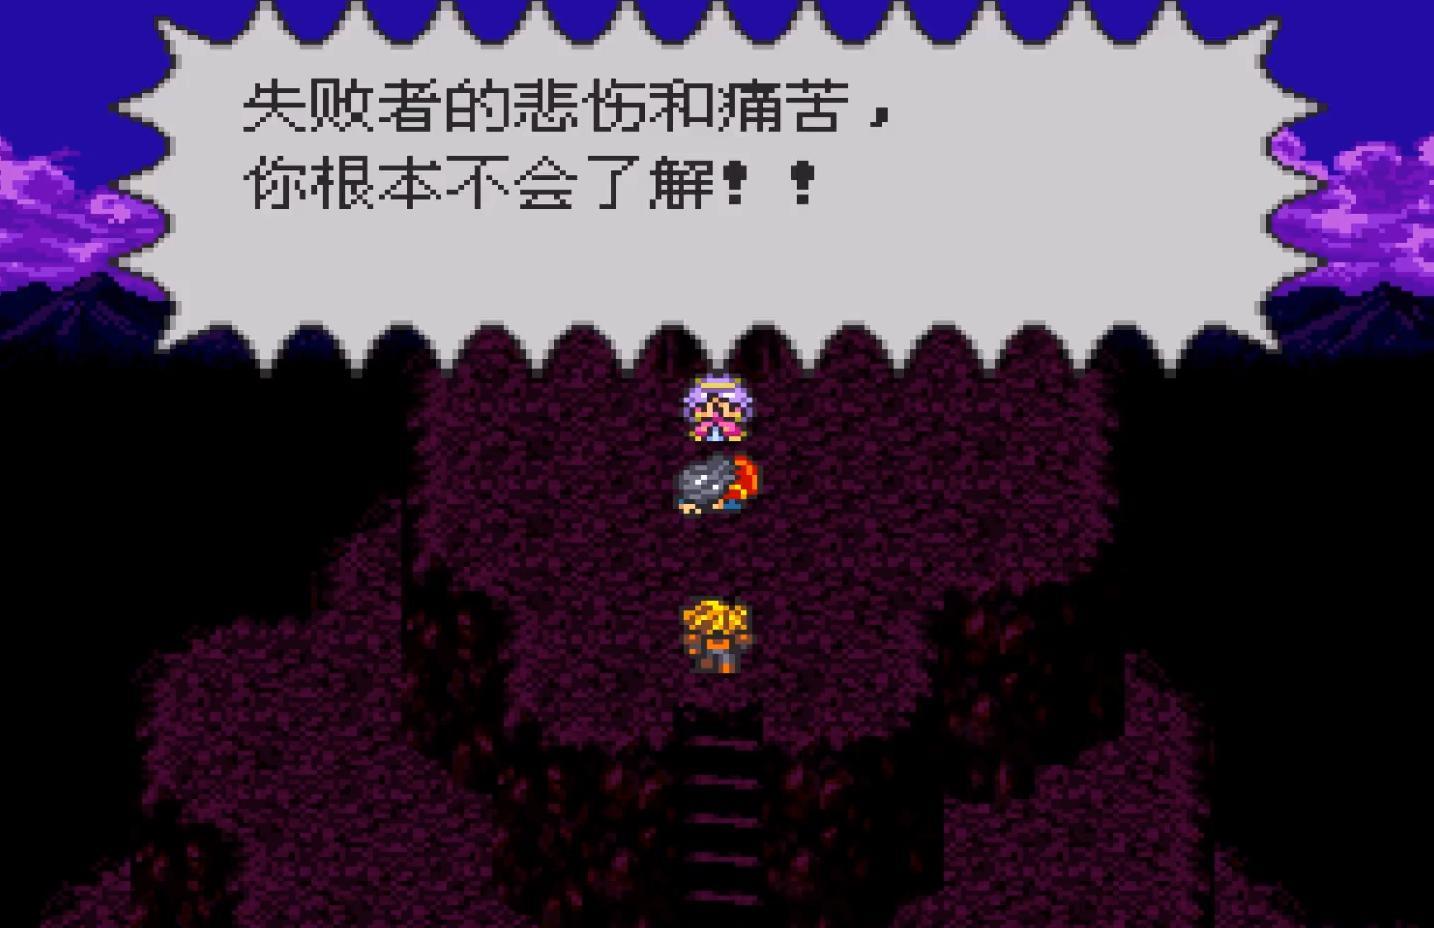 25年前的这款游戏,比《最后生还者:第二章》还恶心玩家